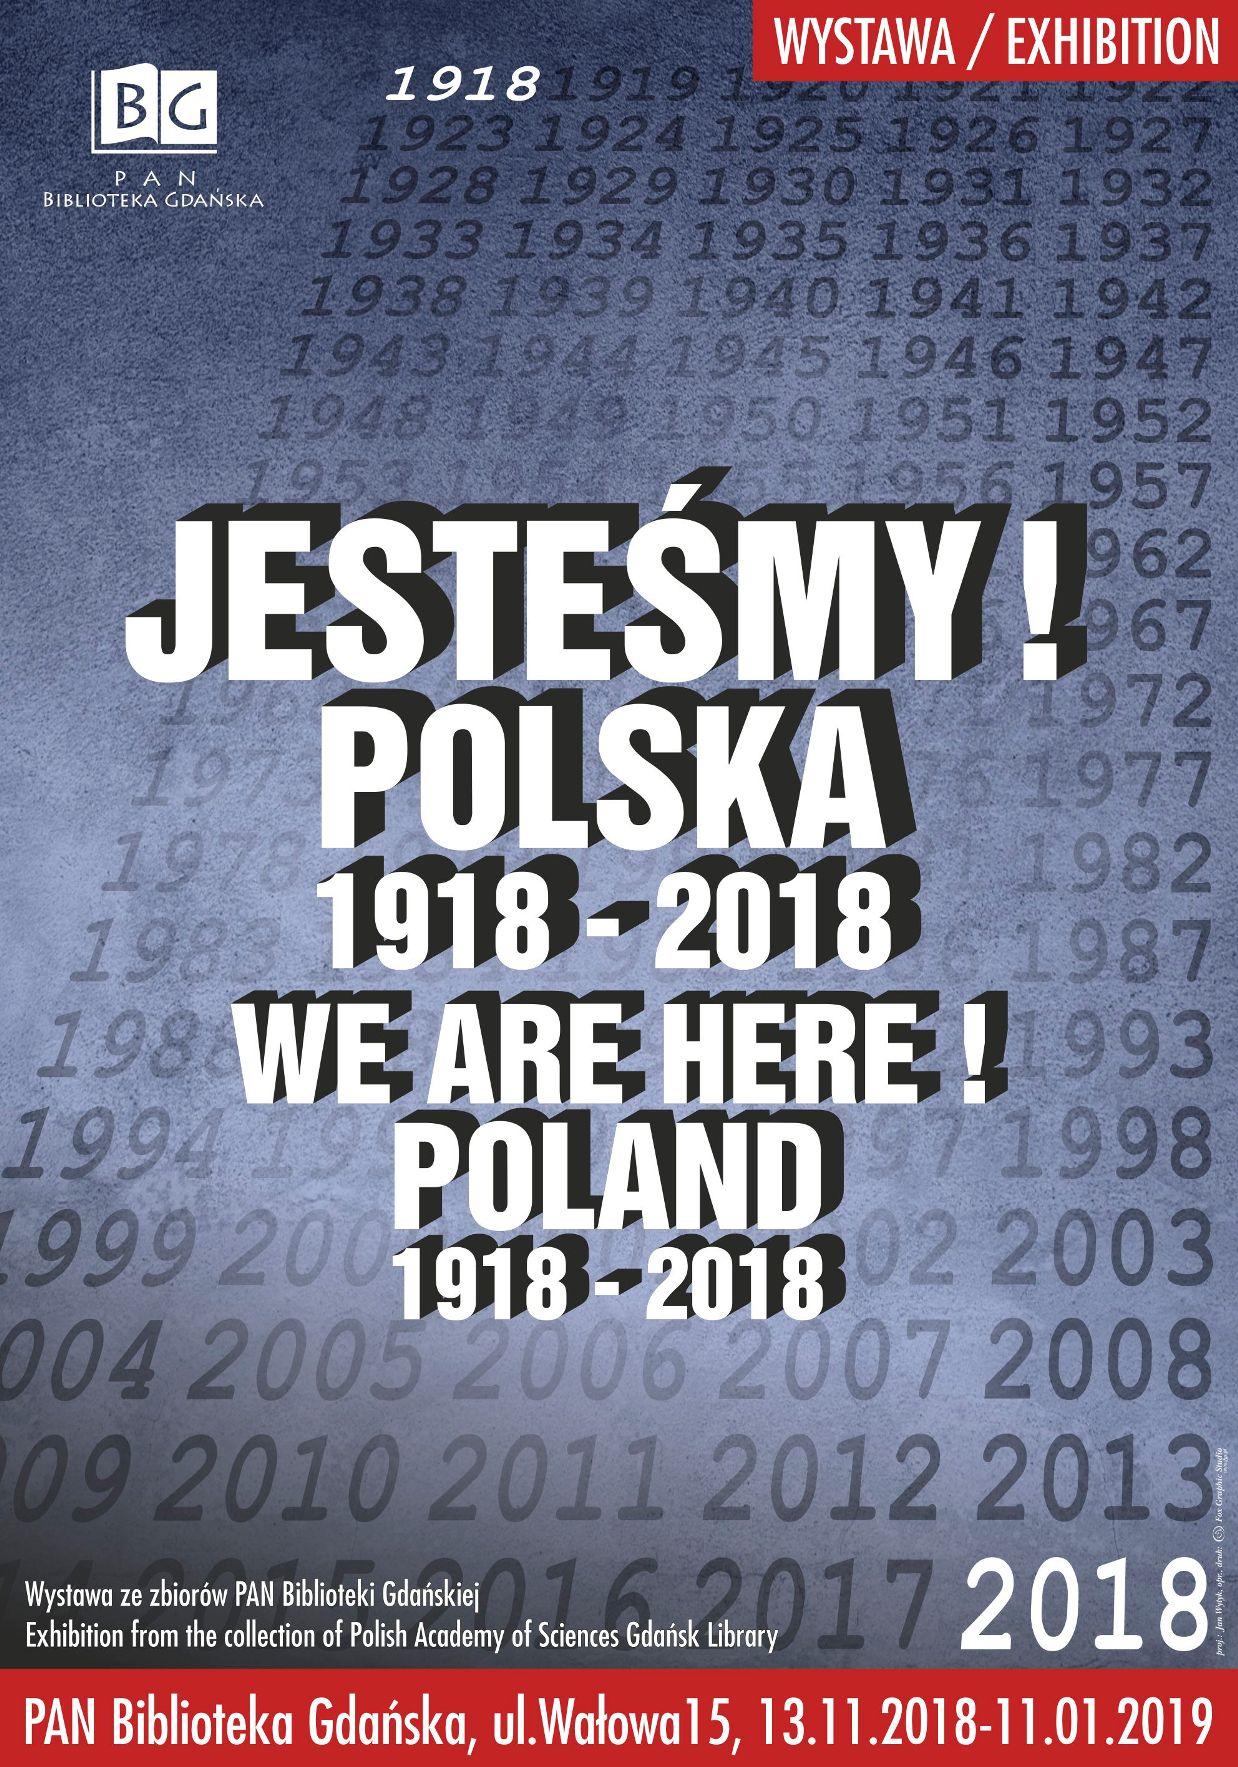 Plakat wystawy jesteśmy Polska